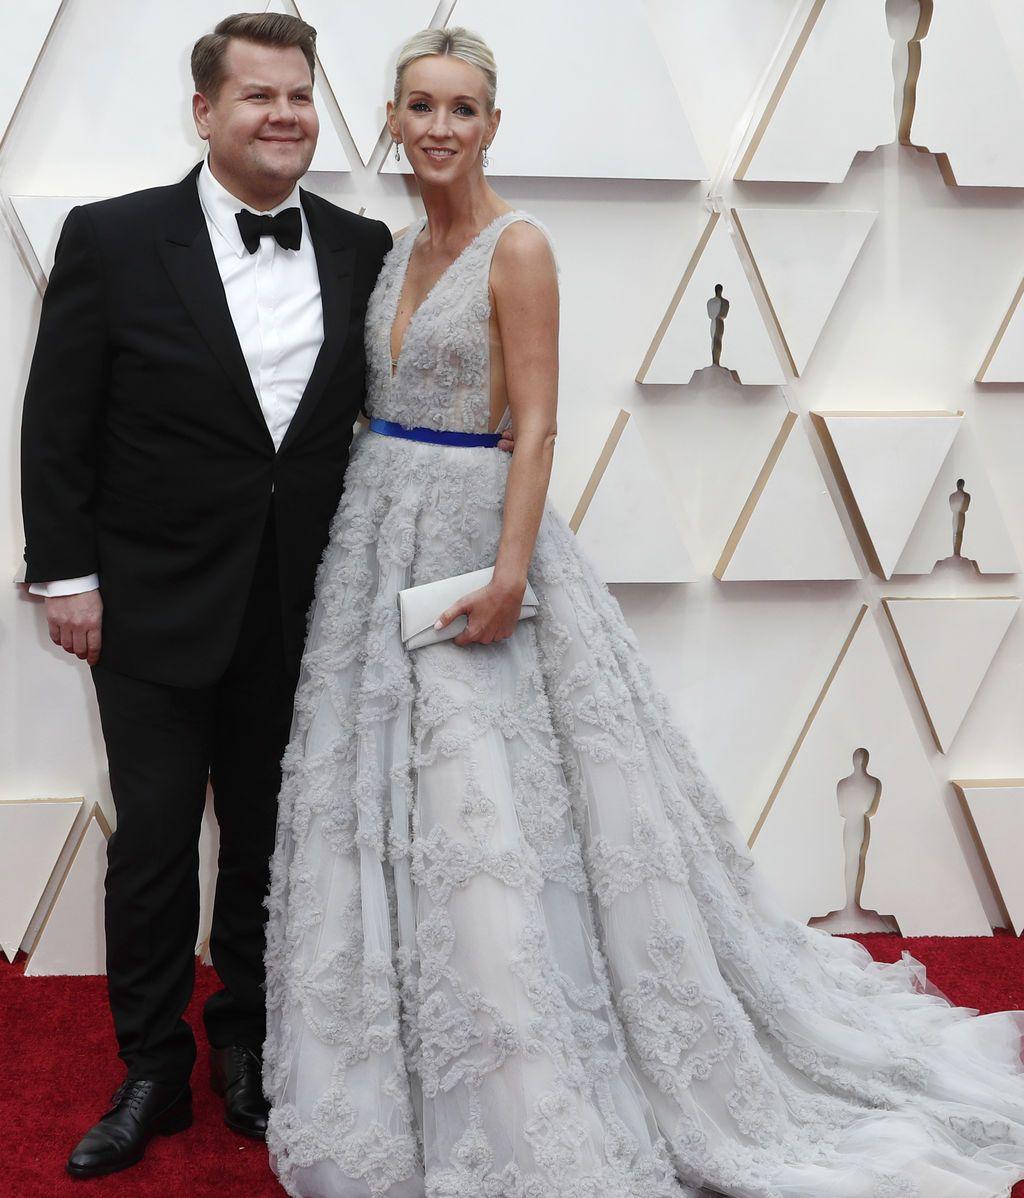 James Corden y Julia Carey posan en la alfombra roja de los Premios Óscar 2020